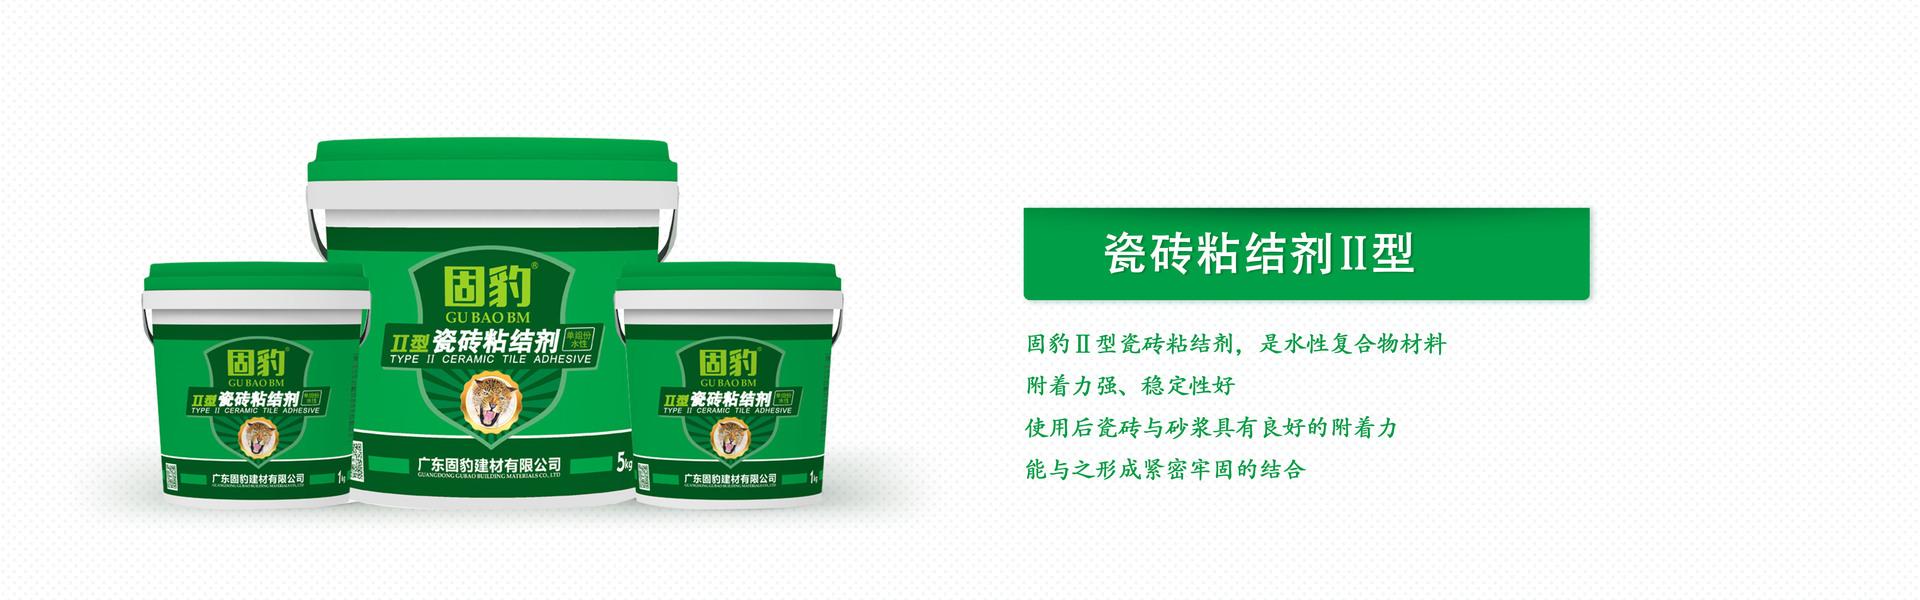 广东固豹建材有限公司专业从事瓷砖粘结剂,瓷砖美缝剂,粘胶剂,瓷砖填缝剂,防水胶等绿色环保新型建材。